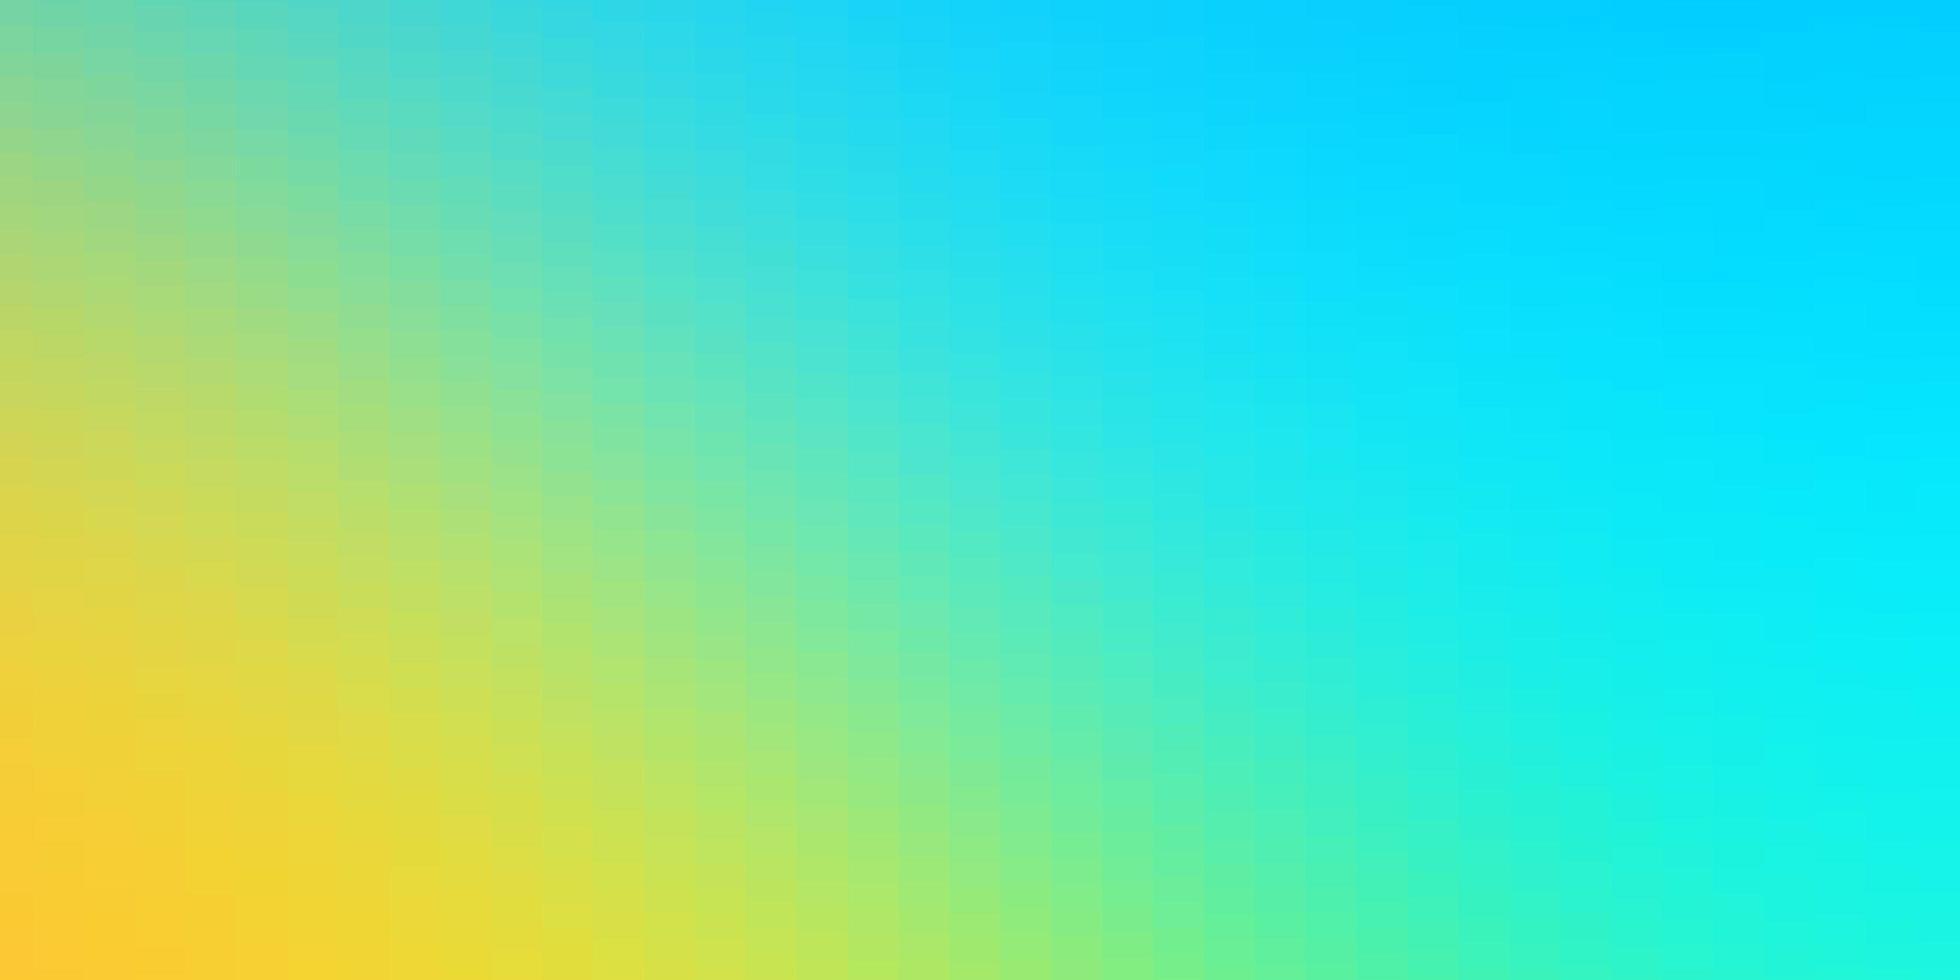 modèle bleu clair et jaune avec des rectangles. vecteur